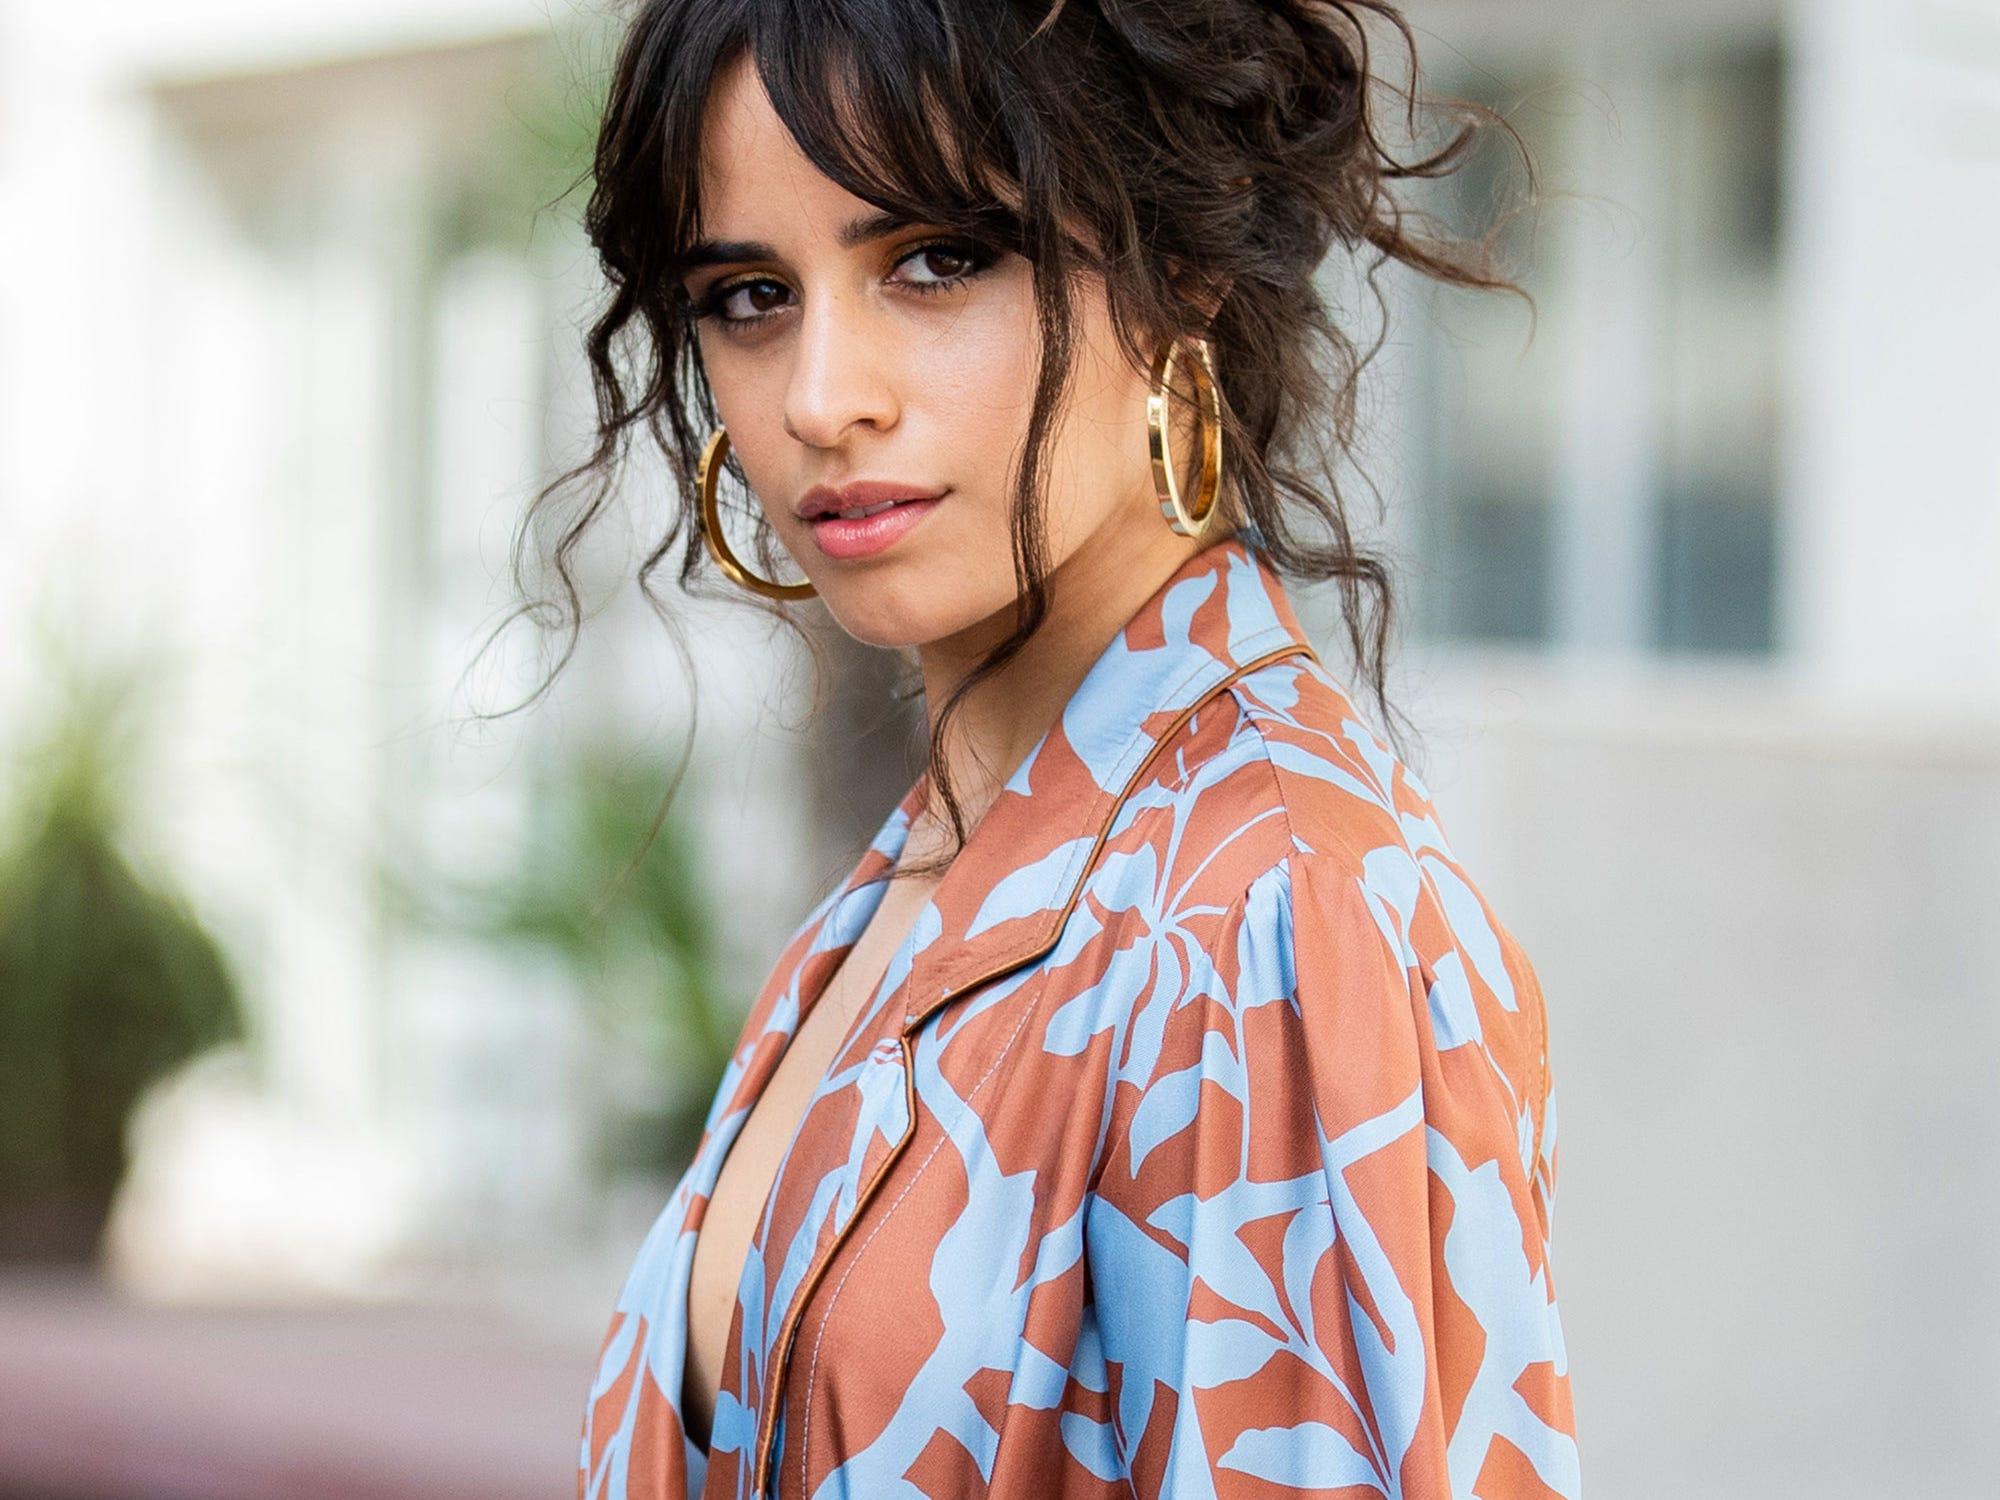 Marisa miller lingerie video shoot